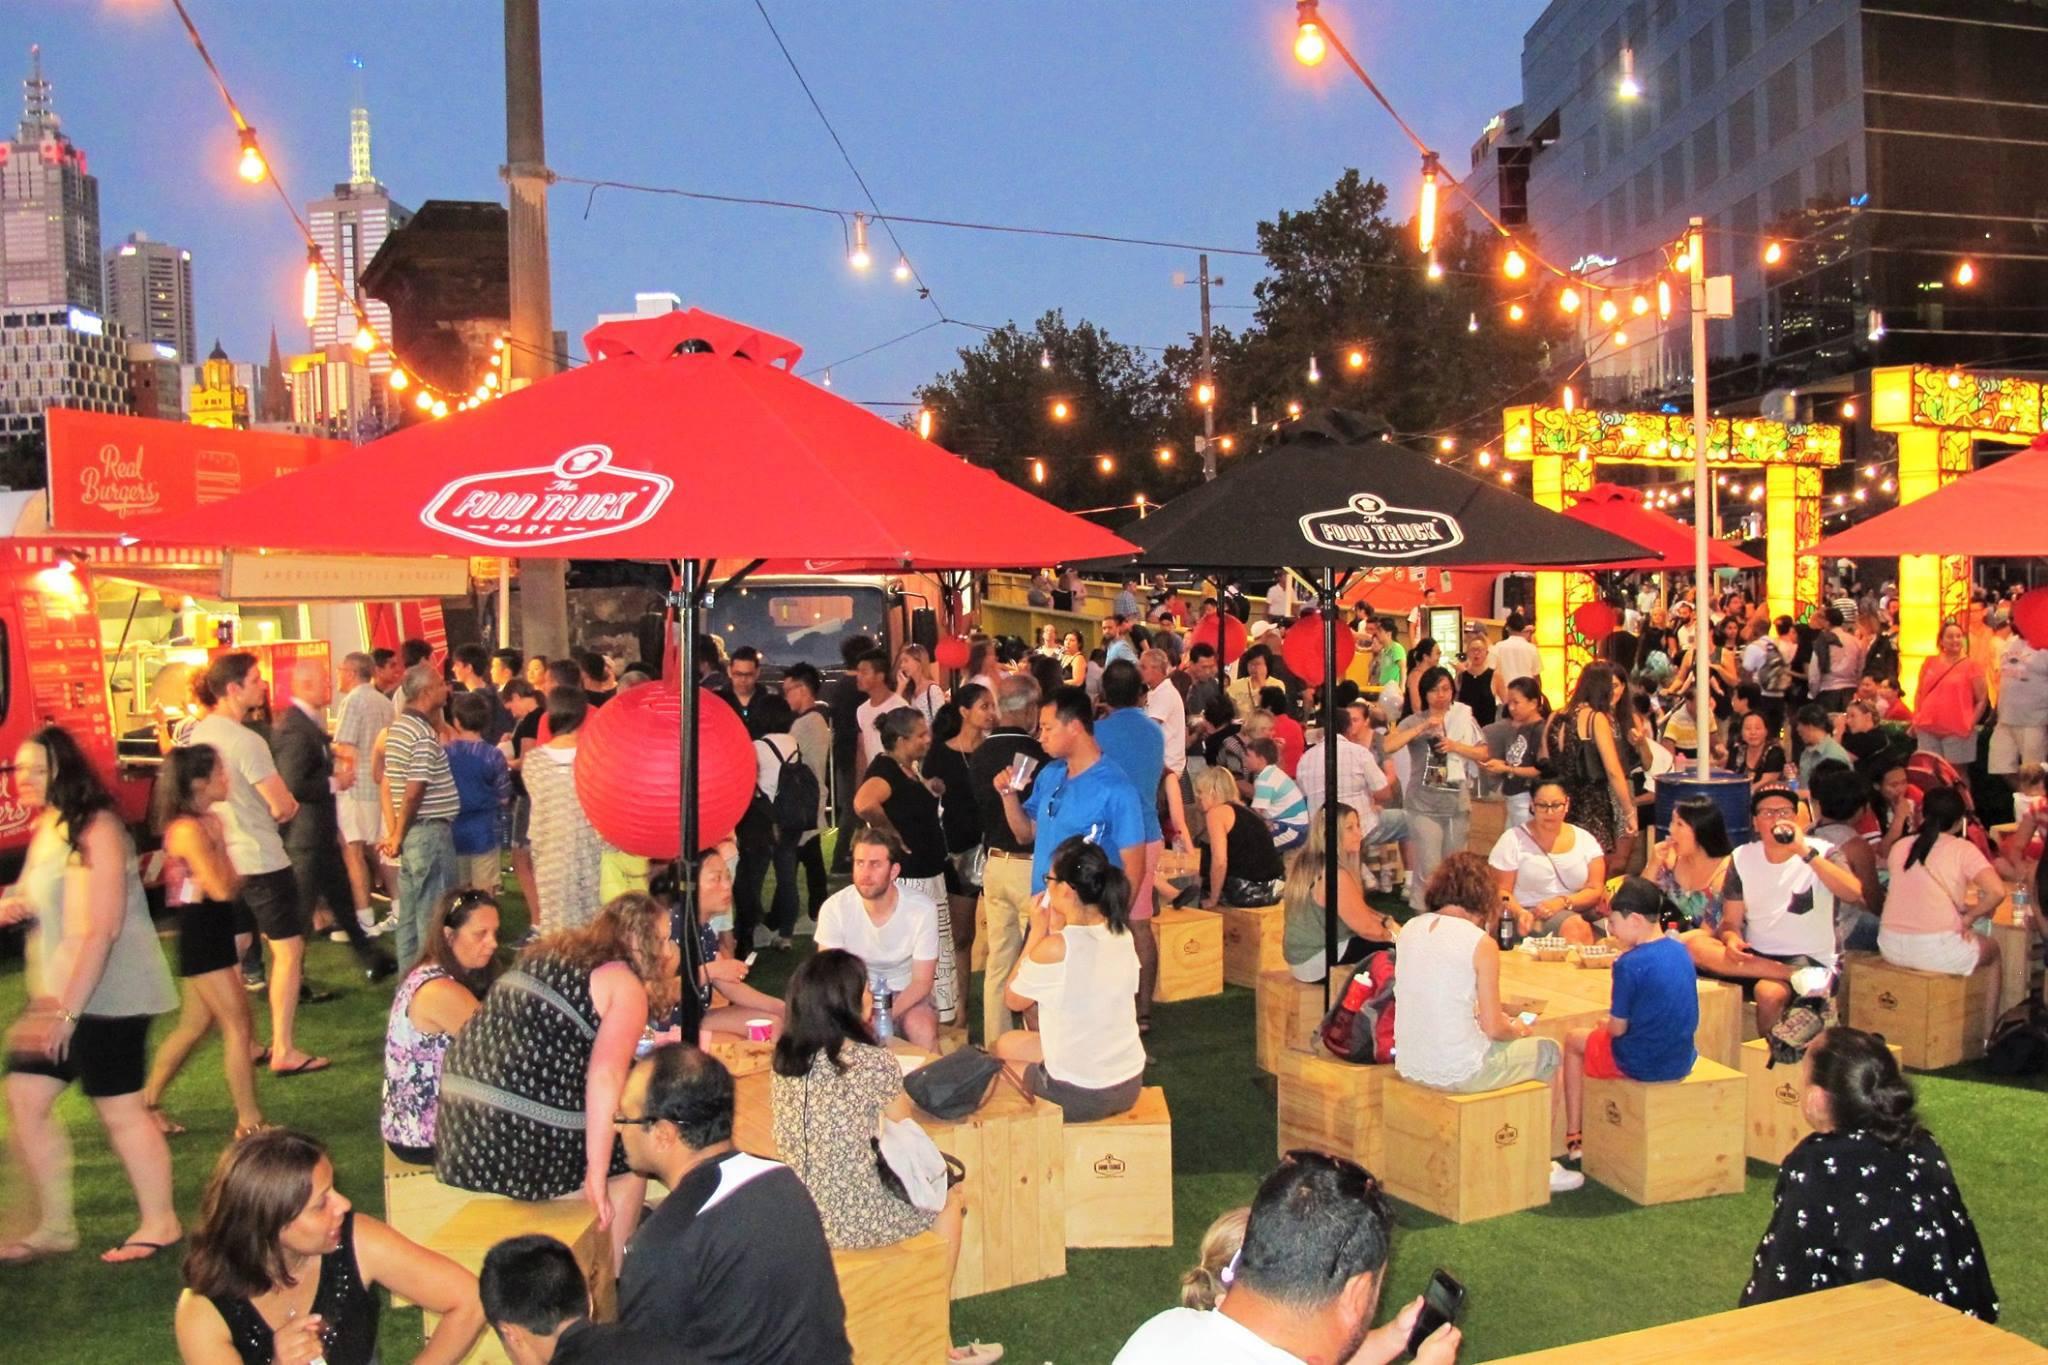 food truck park festivals for july 51 - Có gì tại lễ hội ẩm thực lớn nhất ở Úc - The Food Truck Festival Melbourne 2018?